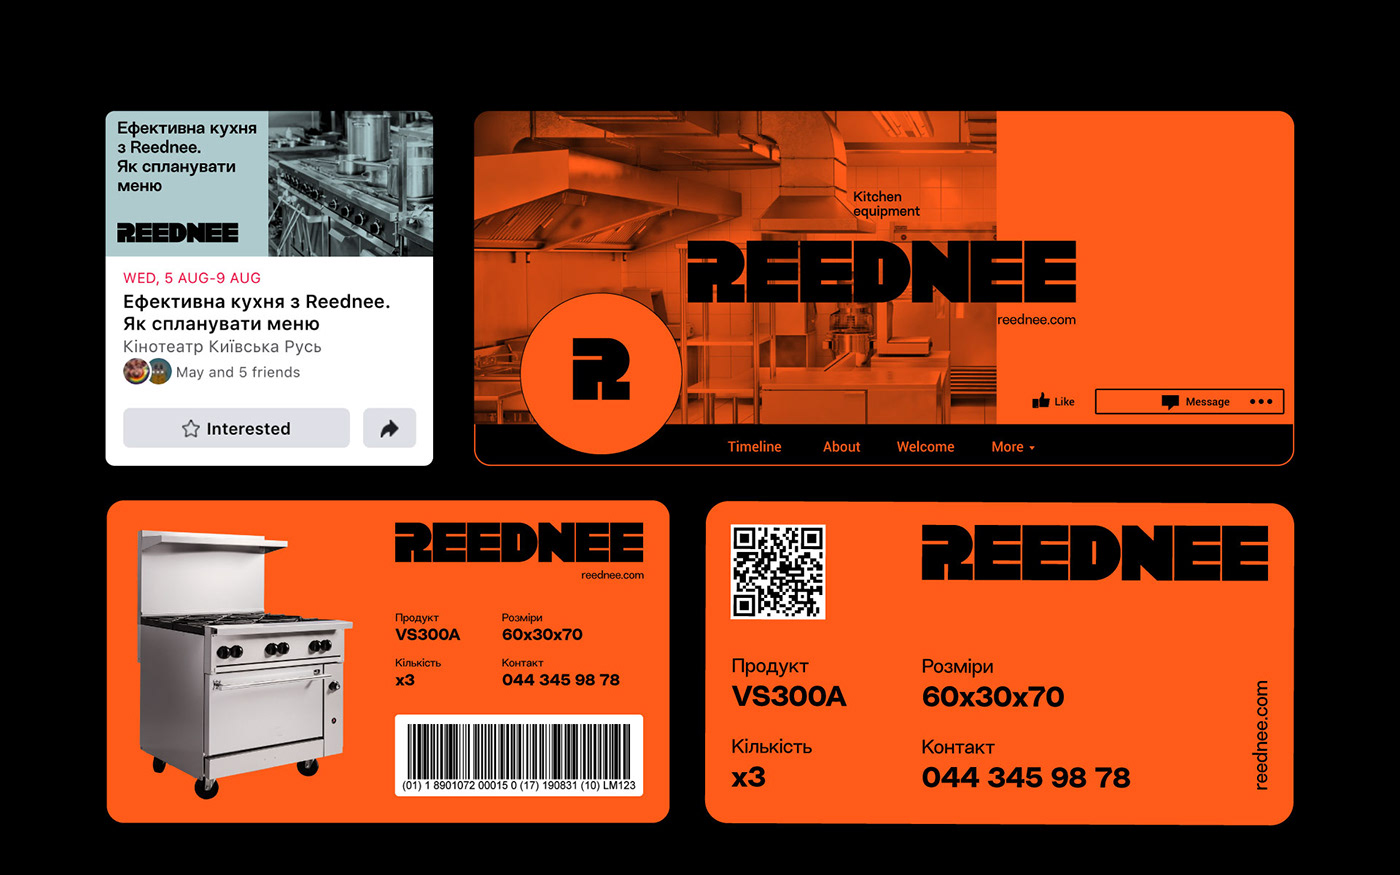 cook equipment kitchen modern orange team techno technological